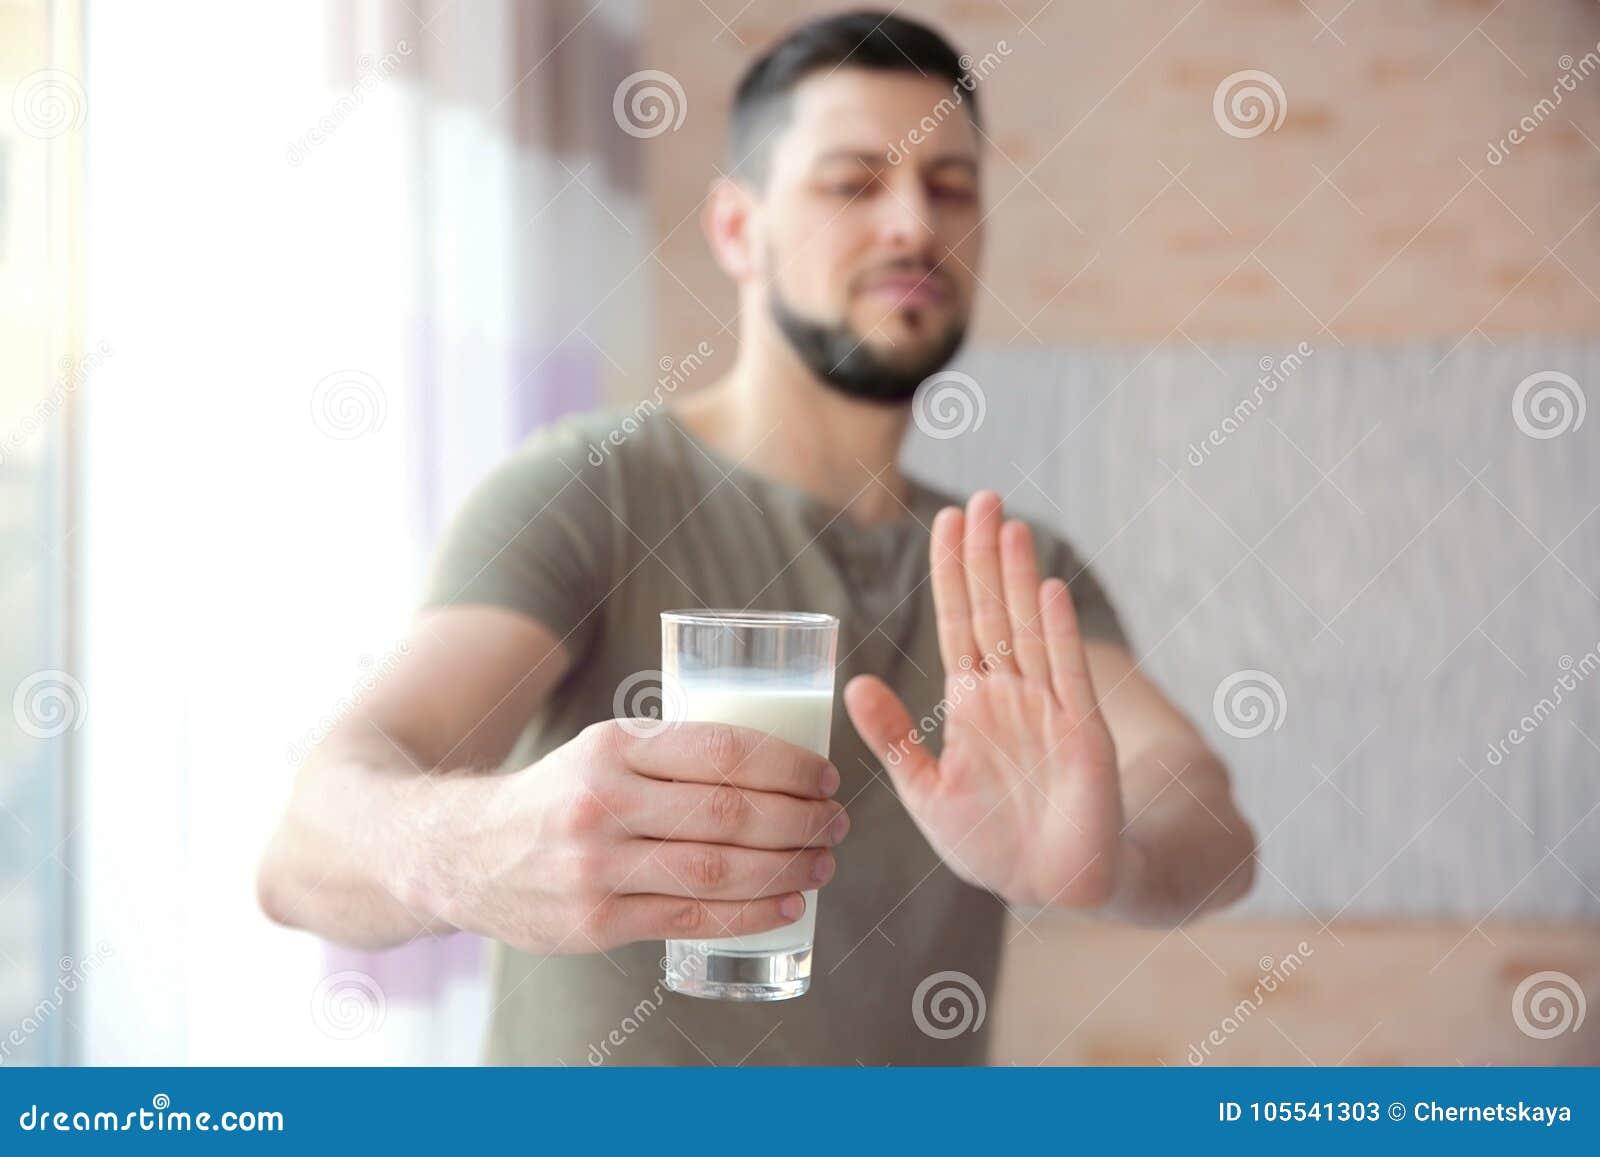 Homem com alergia do leite